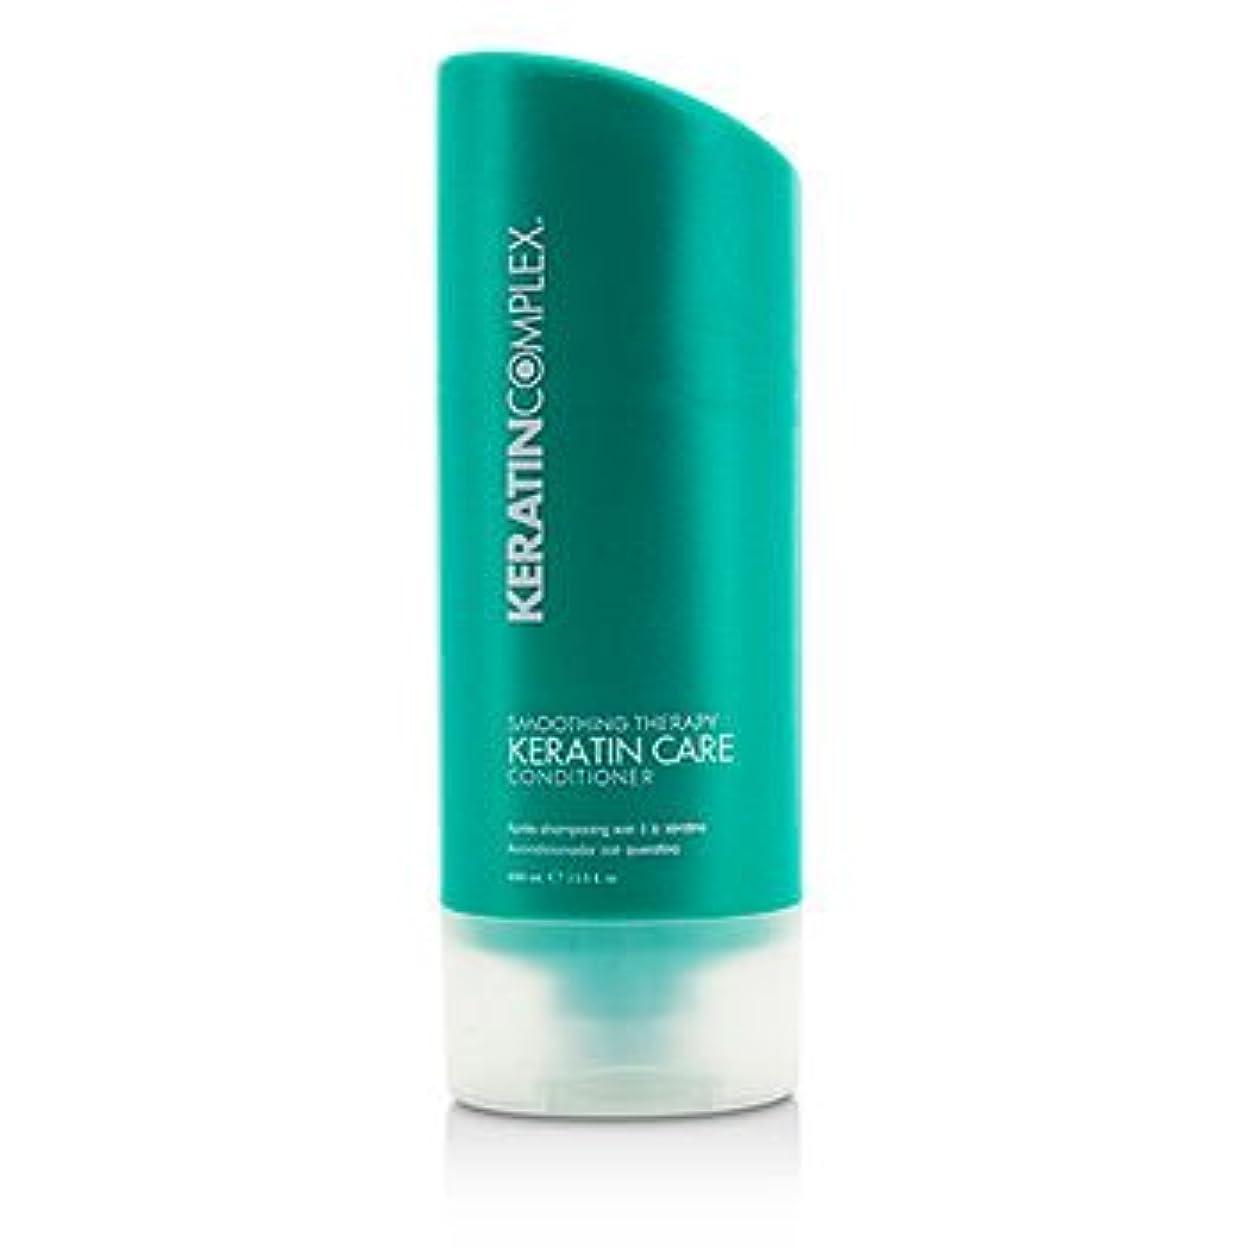 差別的スロープ遠近法[Keratin Complex] Smoothing Therapy Keratin Care Conditioner (For All Hair Types) 400ml/13.5oz